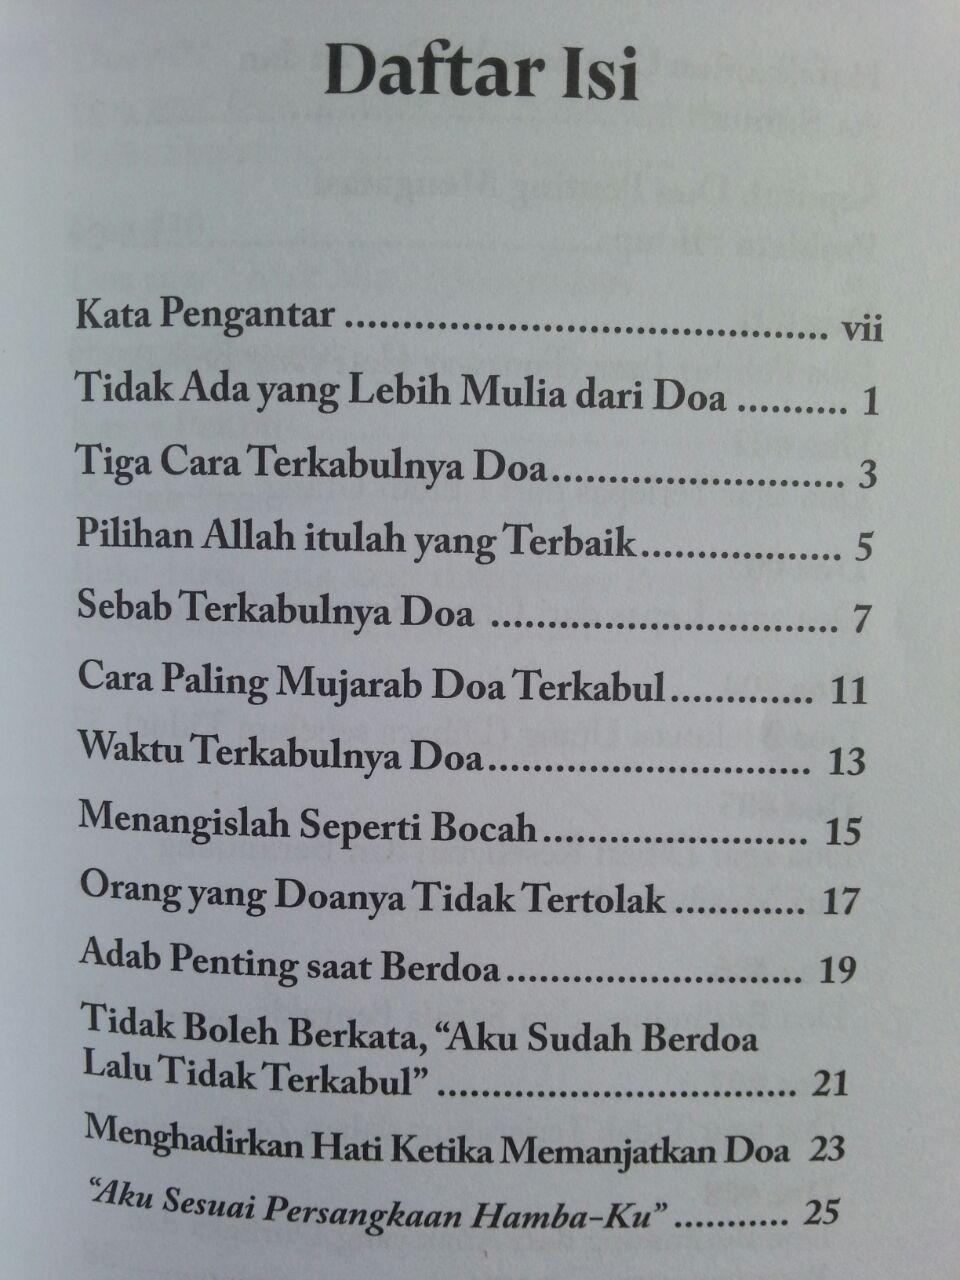 Buku Saku Doa Manjur Mengatasi Problem Hidup isi